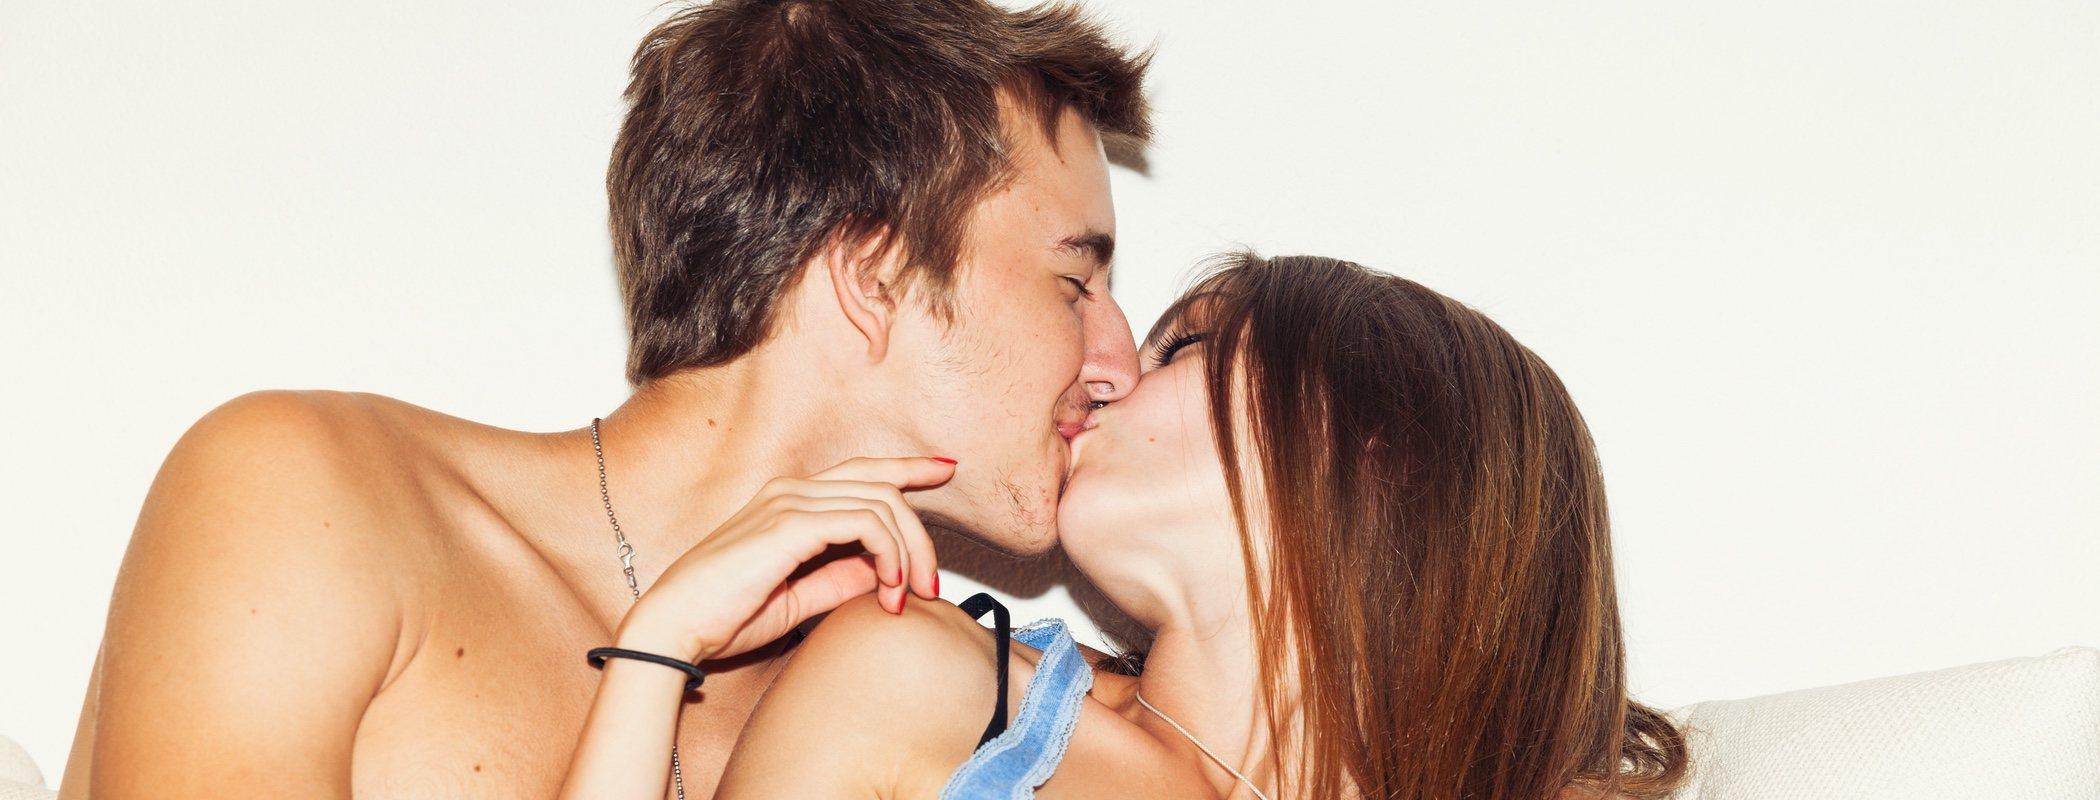 ¿A qué edad debería esperar para perder la virginidad?